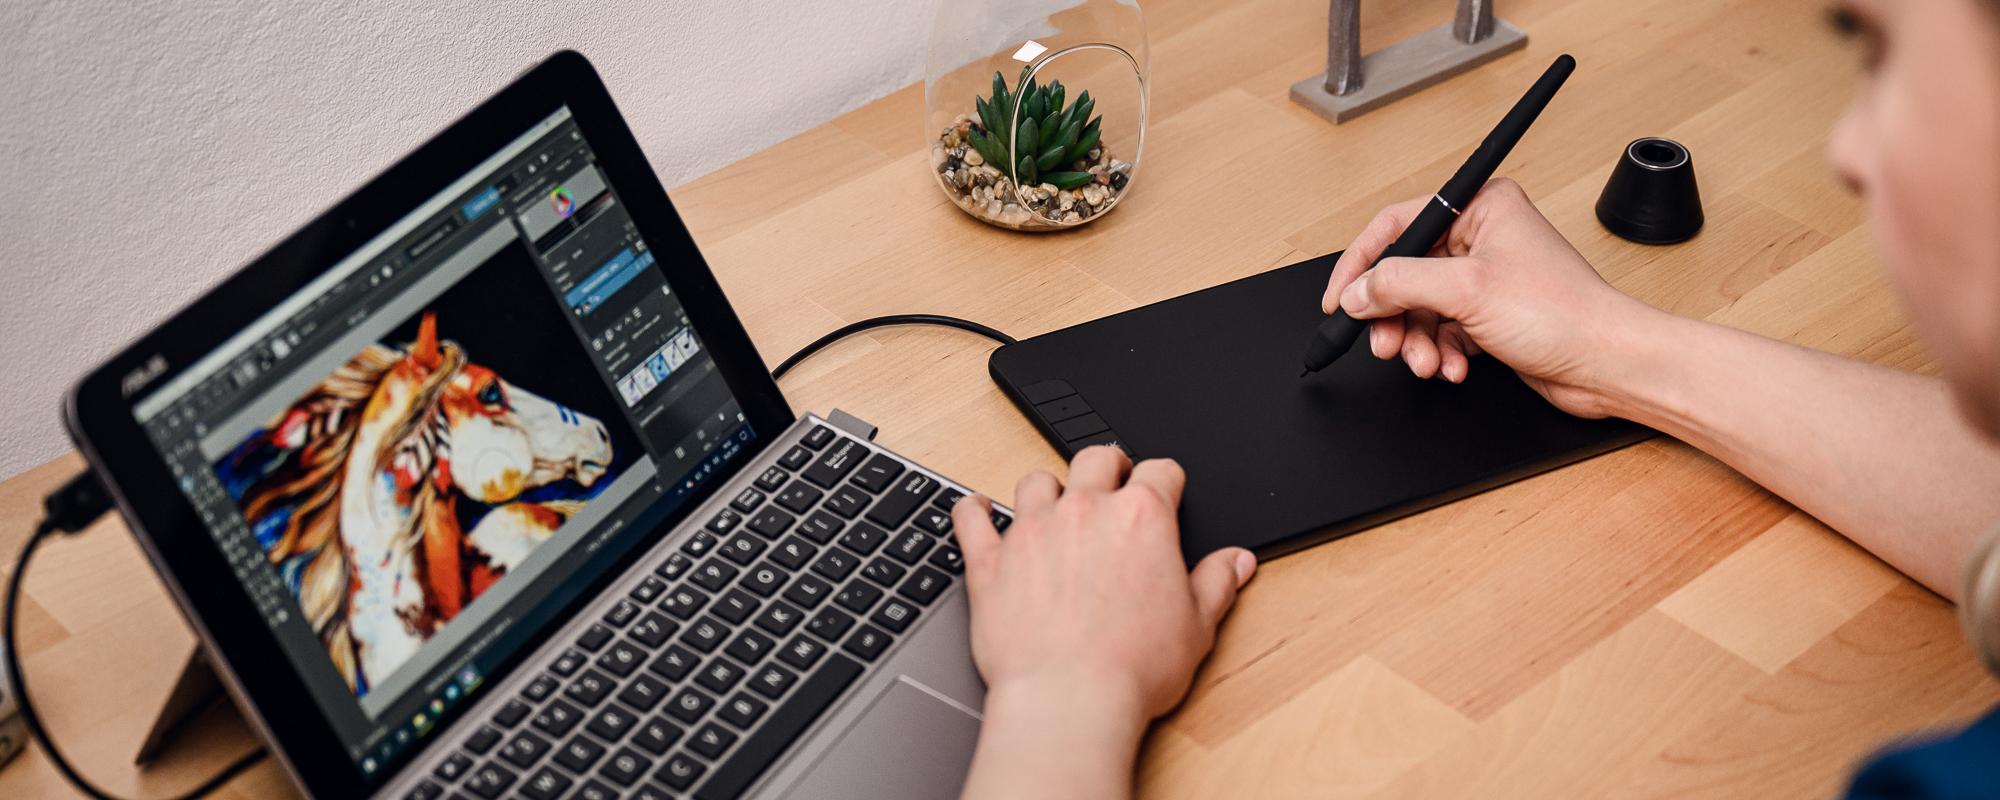 Zdjęcie - tablet graficzny Veikk VK640 podłączony do laptopa, obsługiwany przez kobietę